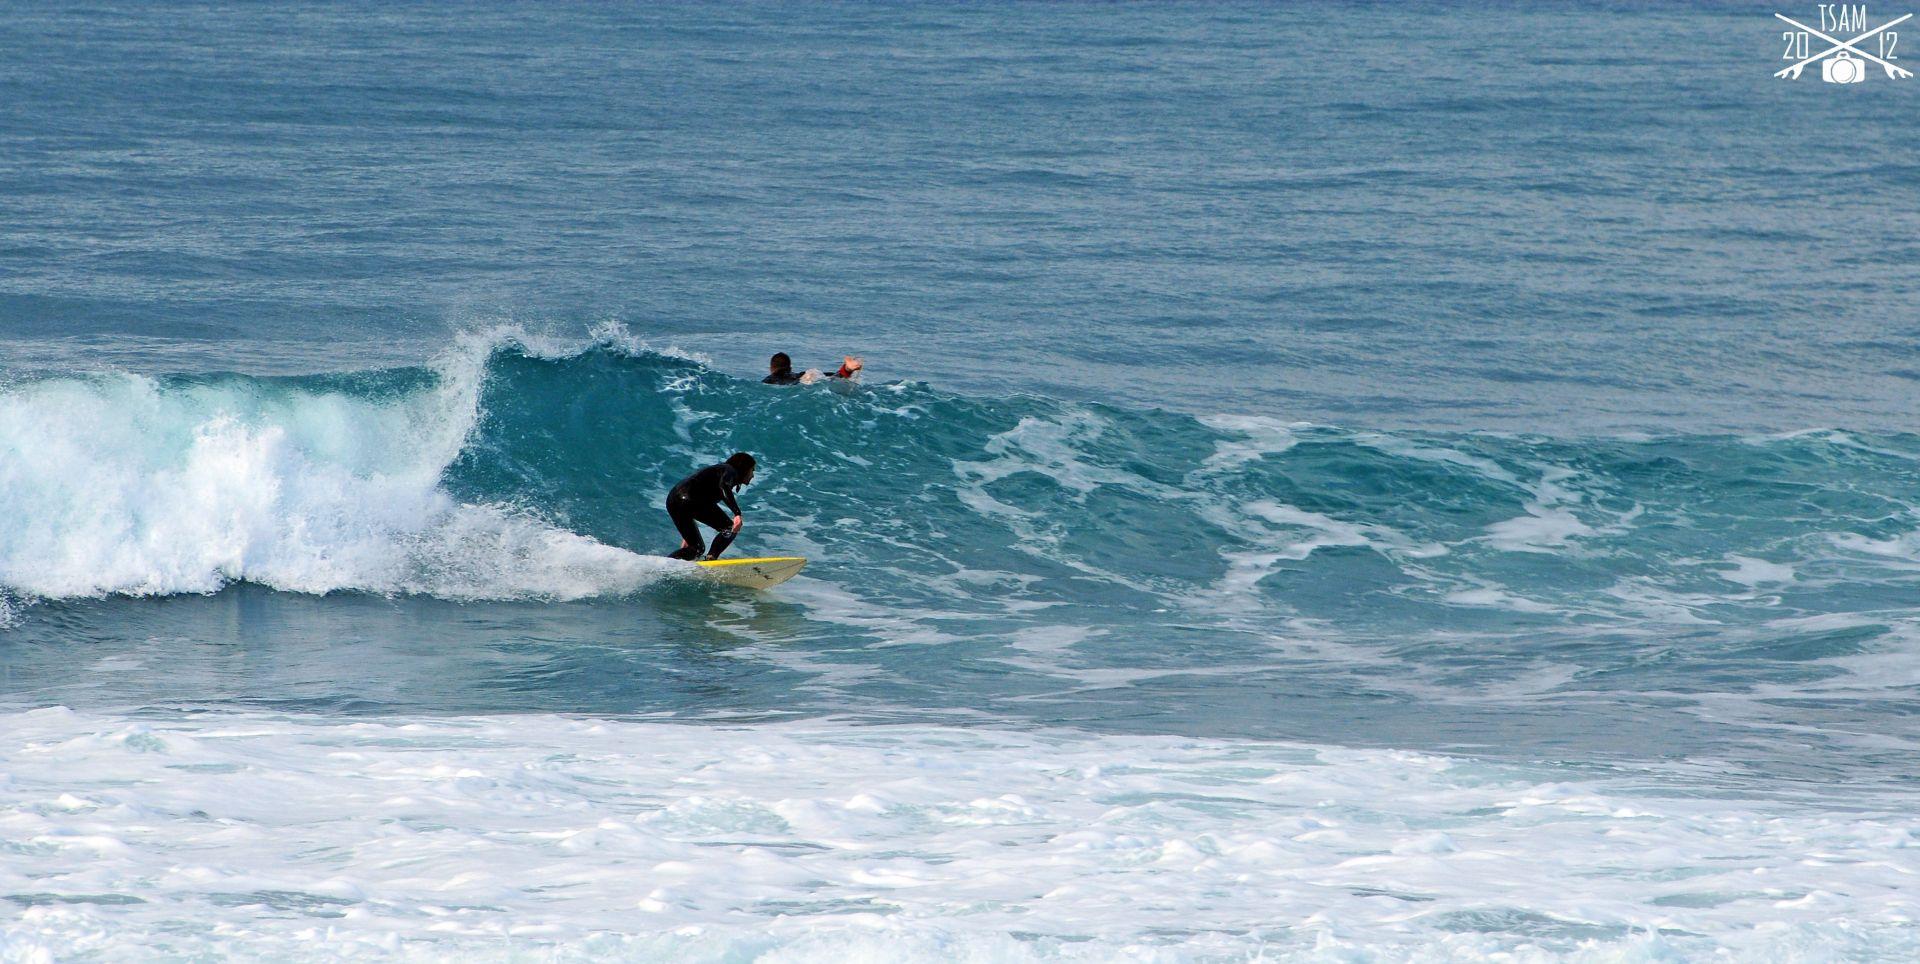 http://www.goodtimesmag.gr/images/surf/LINO.jpg